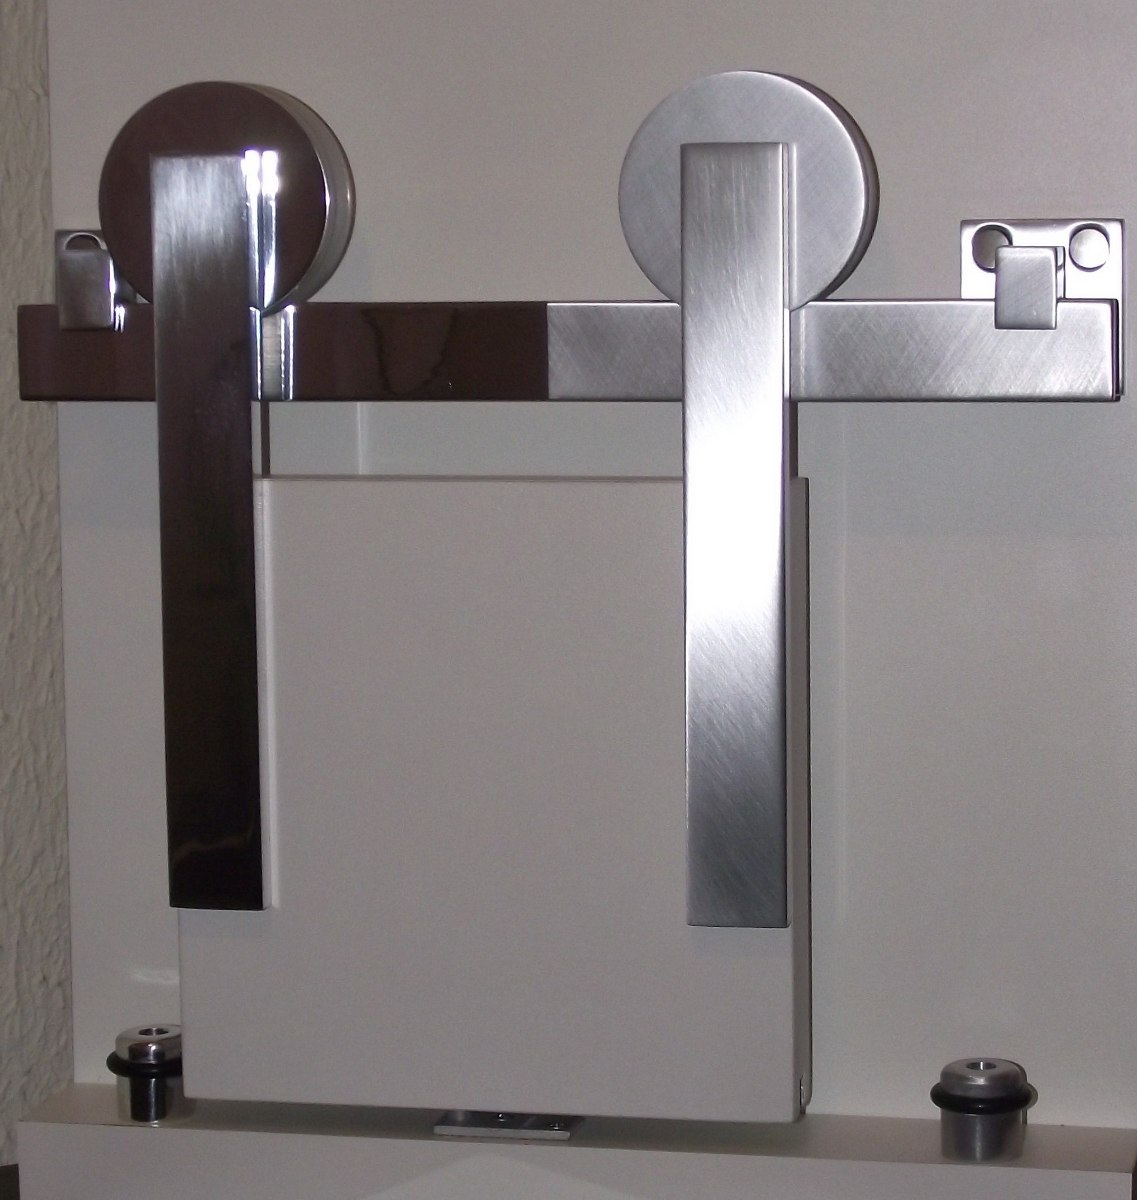 kit porta de correr roldana aparente trilho 2m r 205 00